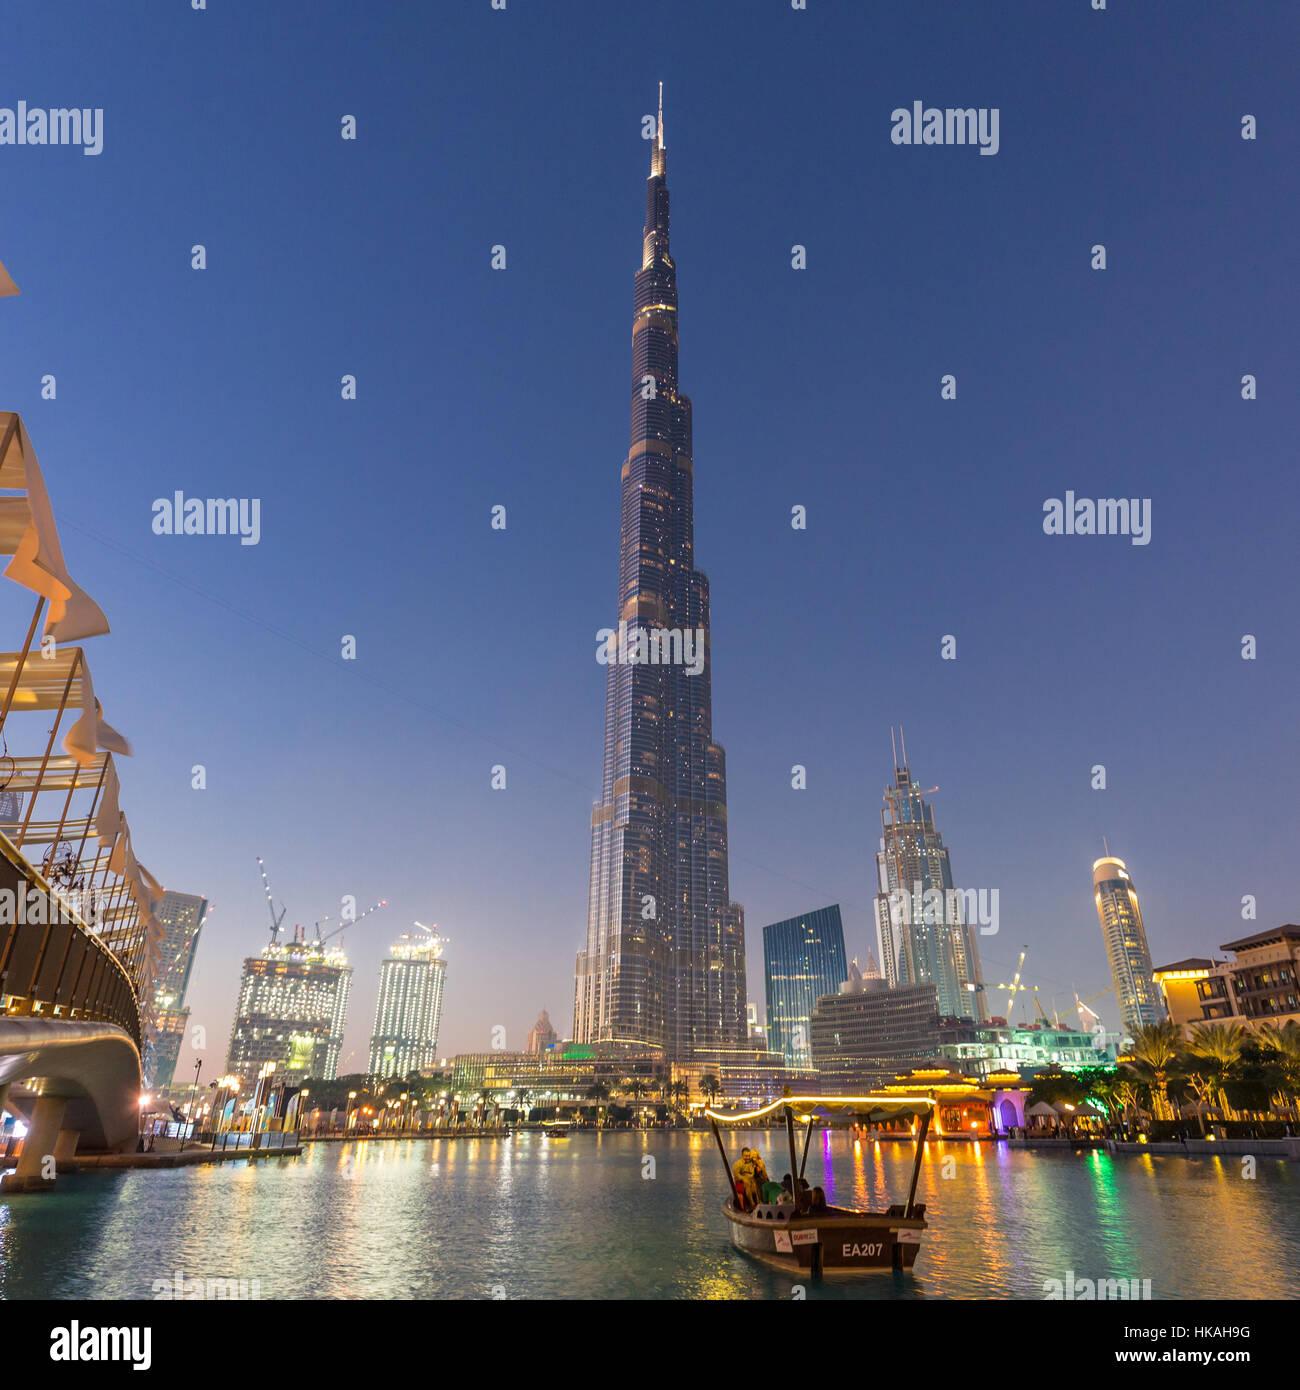 Il Burj Khalifa, il grattacielo più alto del mondo, Dubai, Emirati Arabi Uniti. Immagini Stock